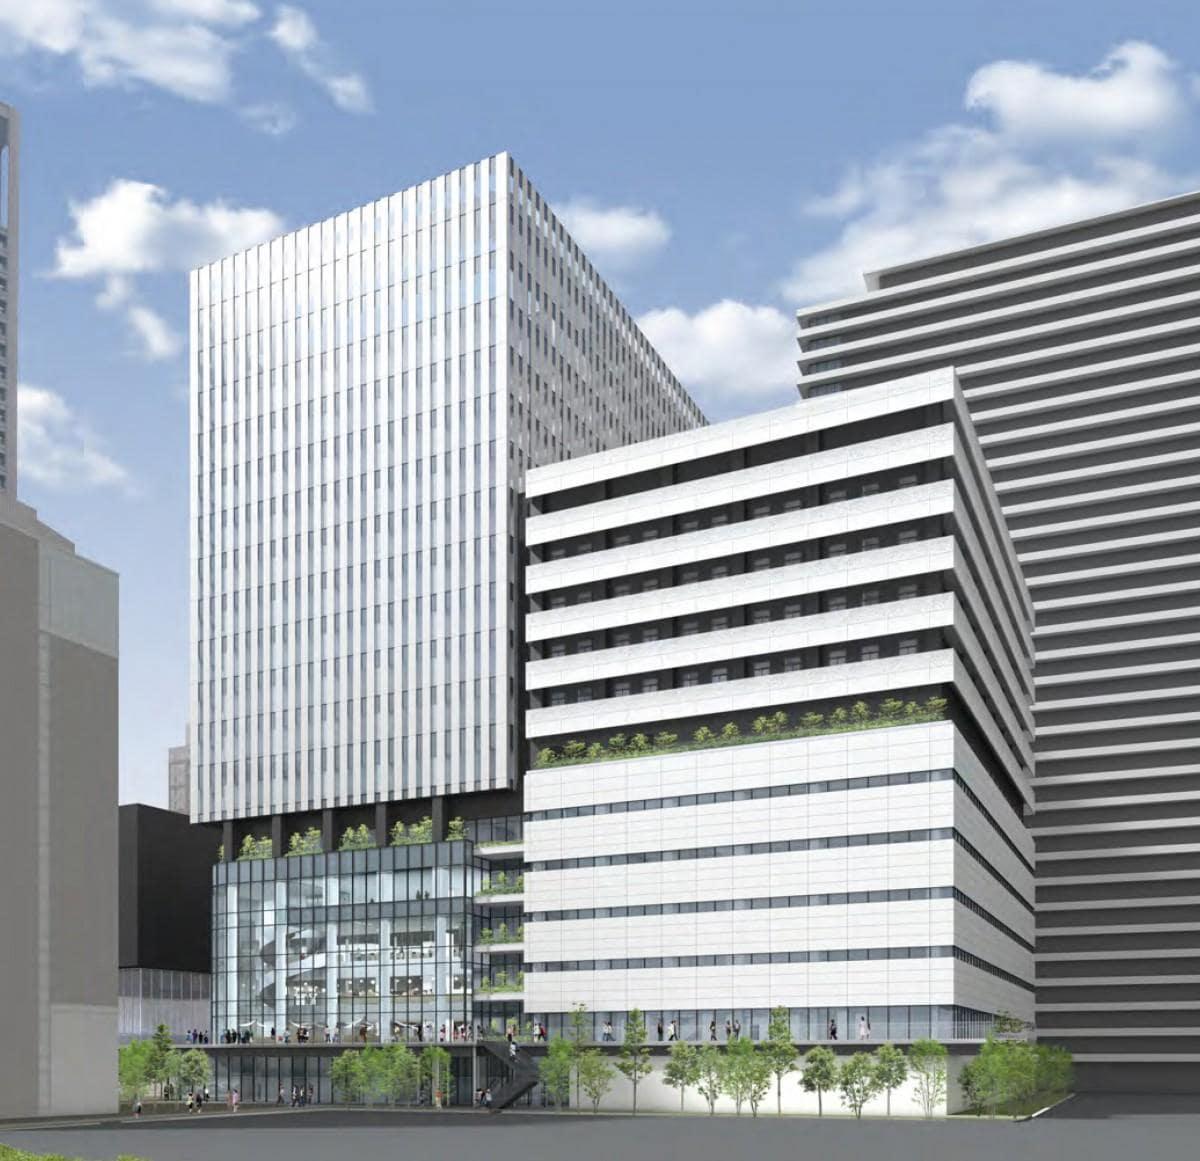 「中之島4丁目未来医療国際拠点」外観(イメージ)